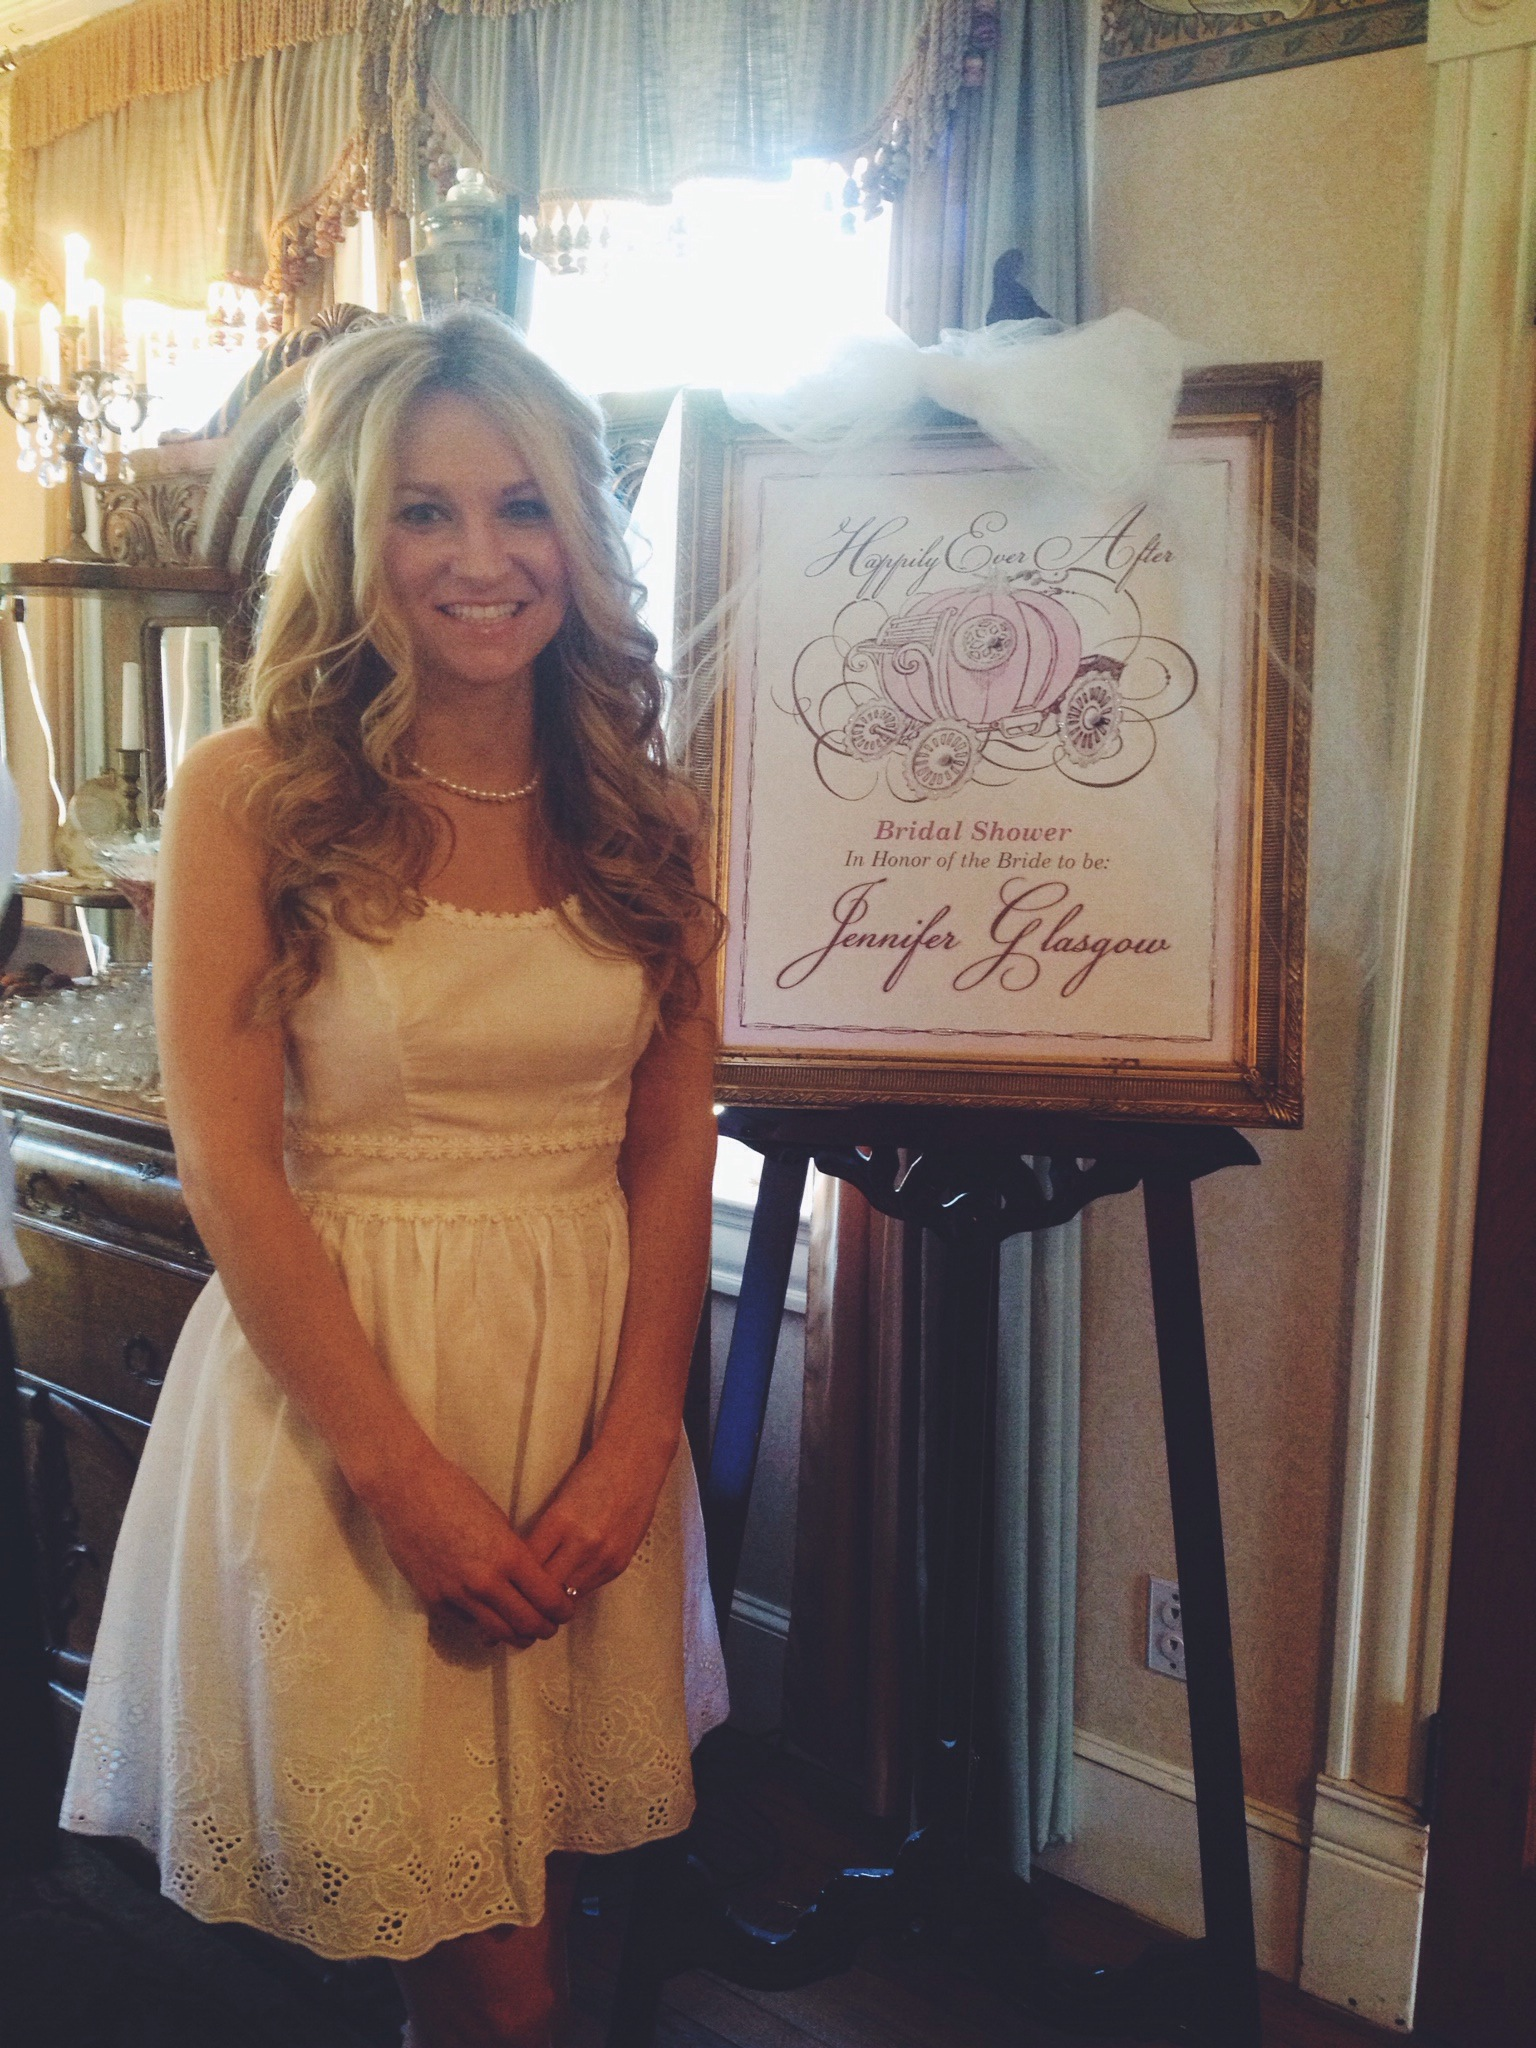 Engagement, Bridal Showers, Weddings - Celebration